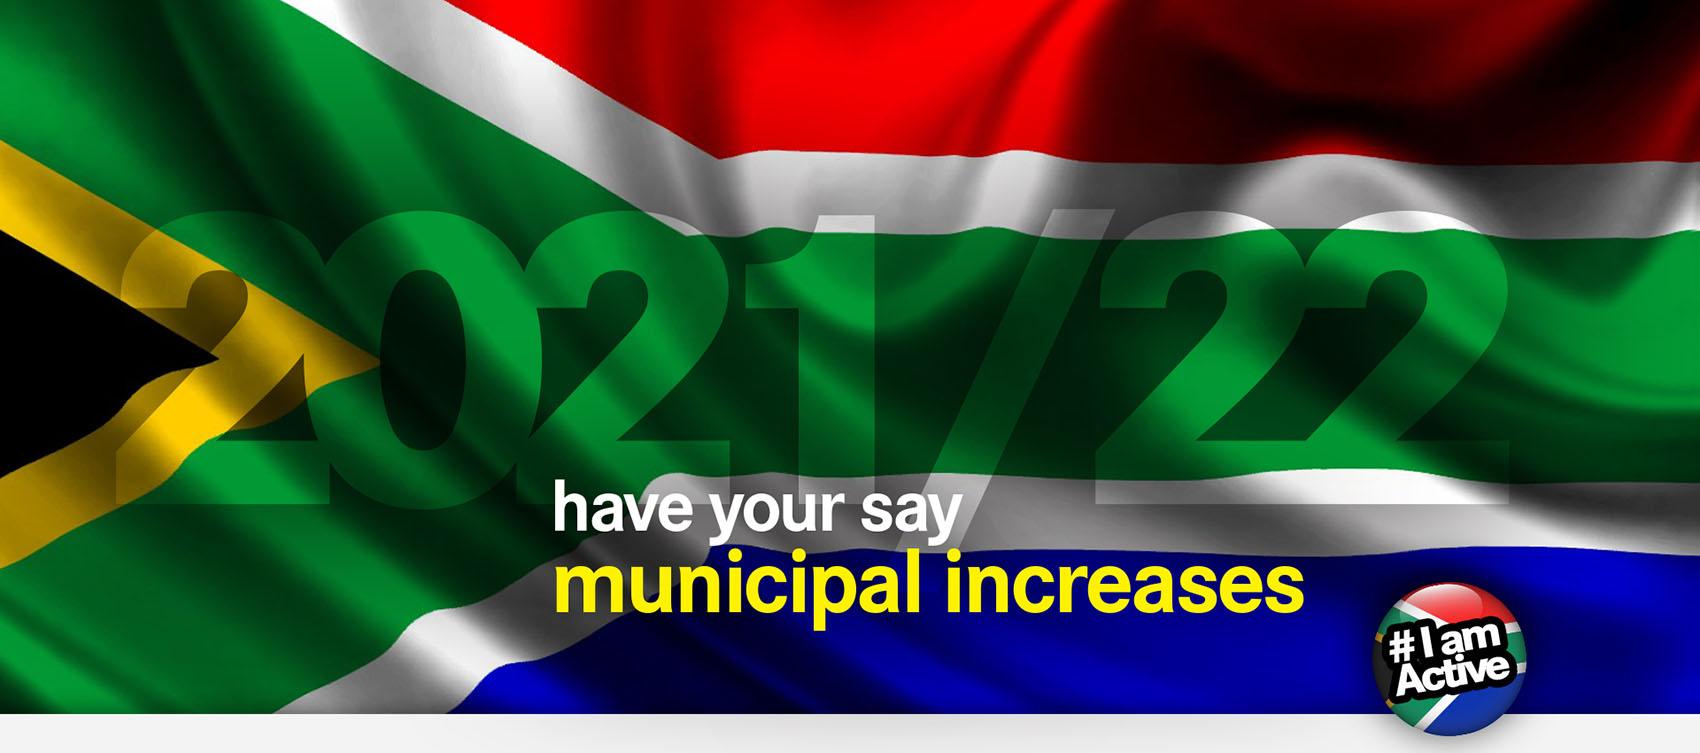 DearSA-municipal-increases